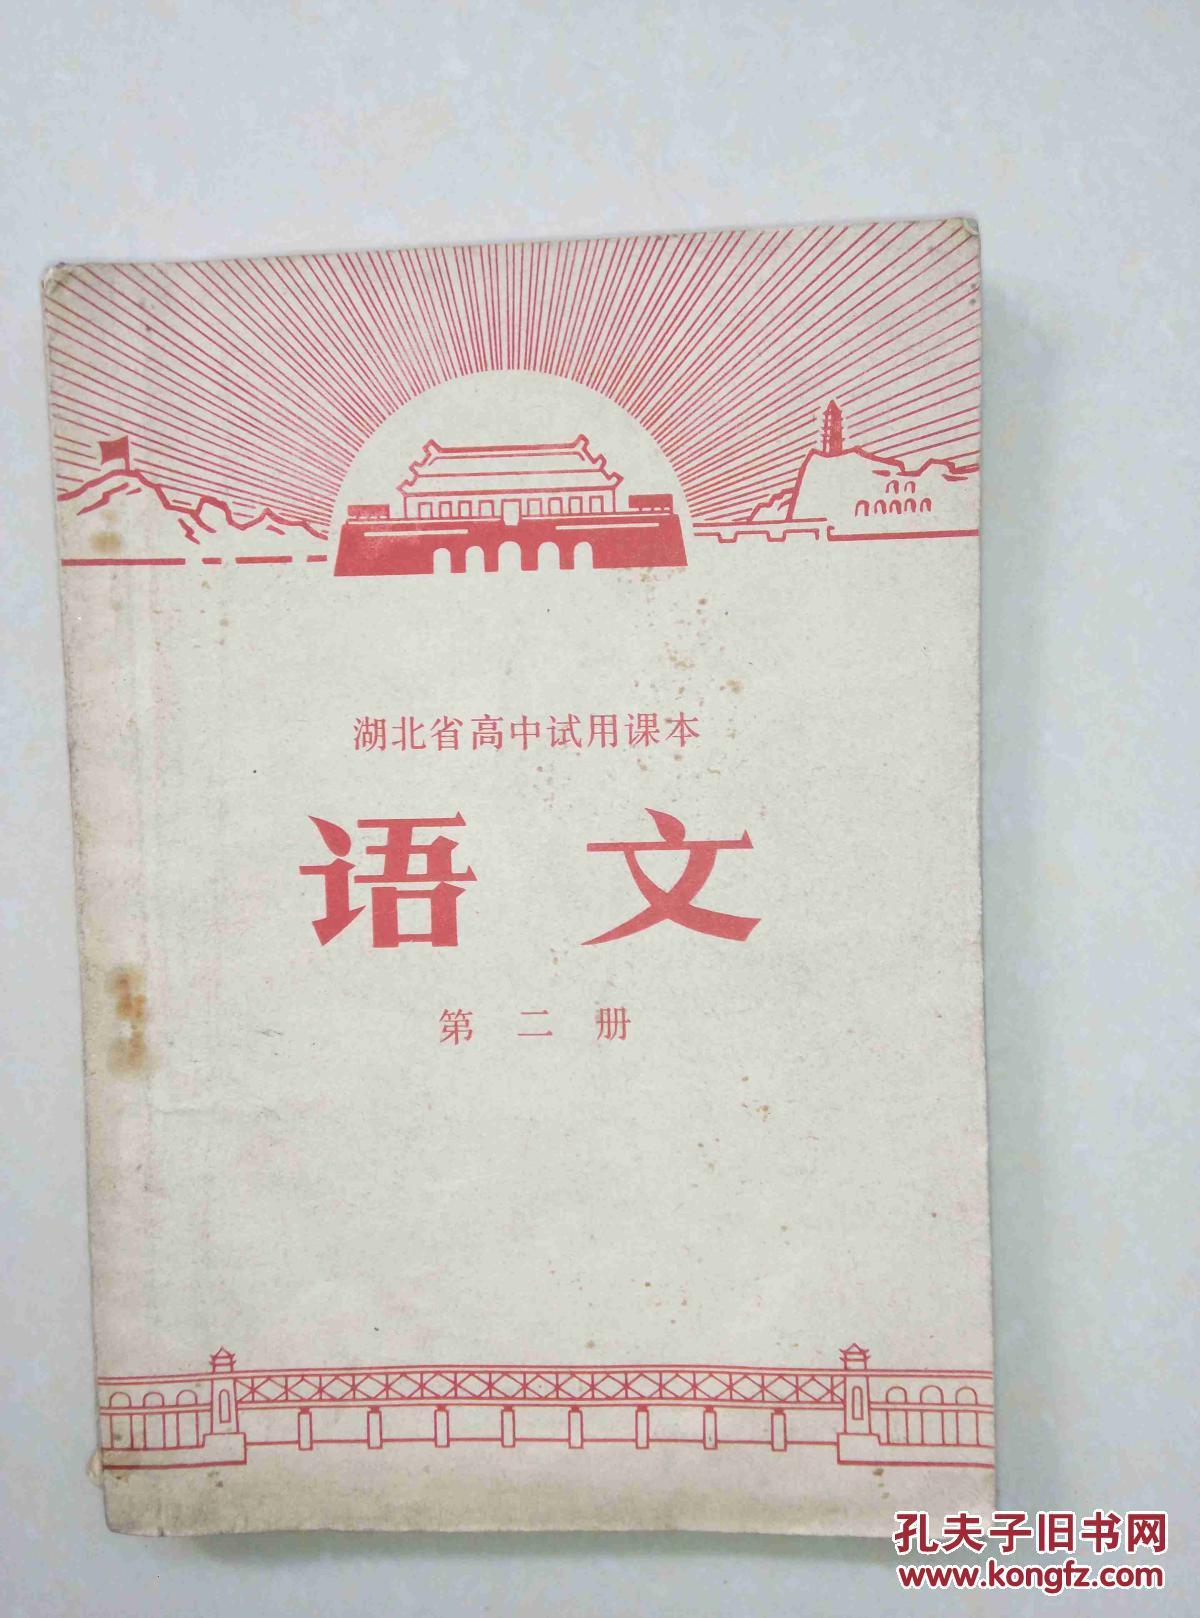 【图】湖北省山谷试用课本《高中》第二册_价语文罚单高中图片